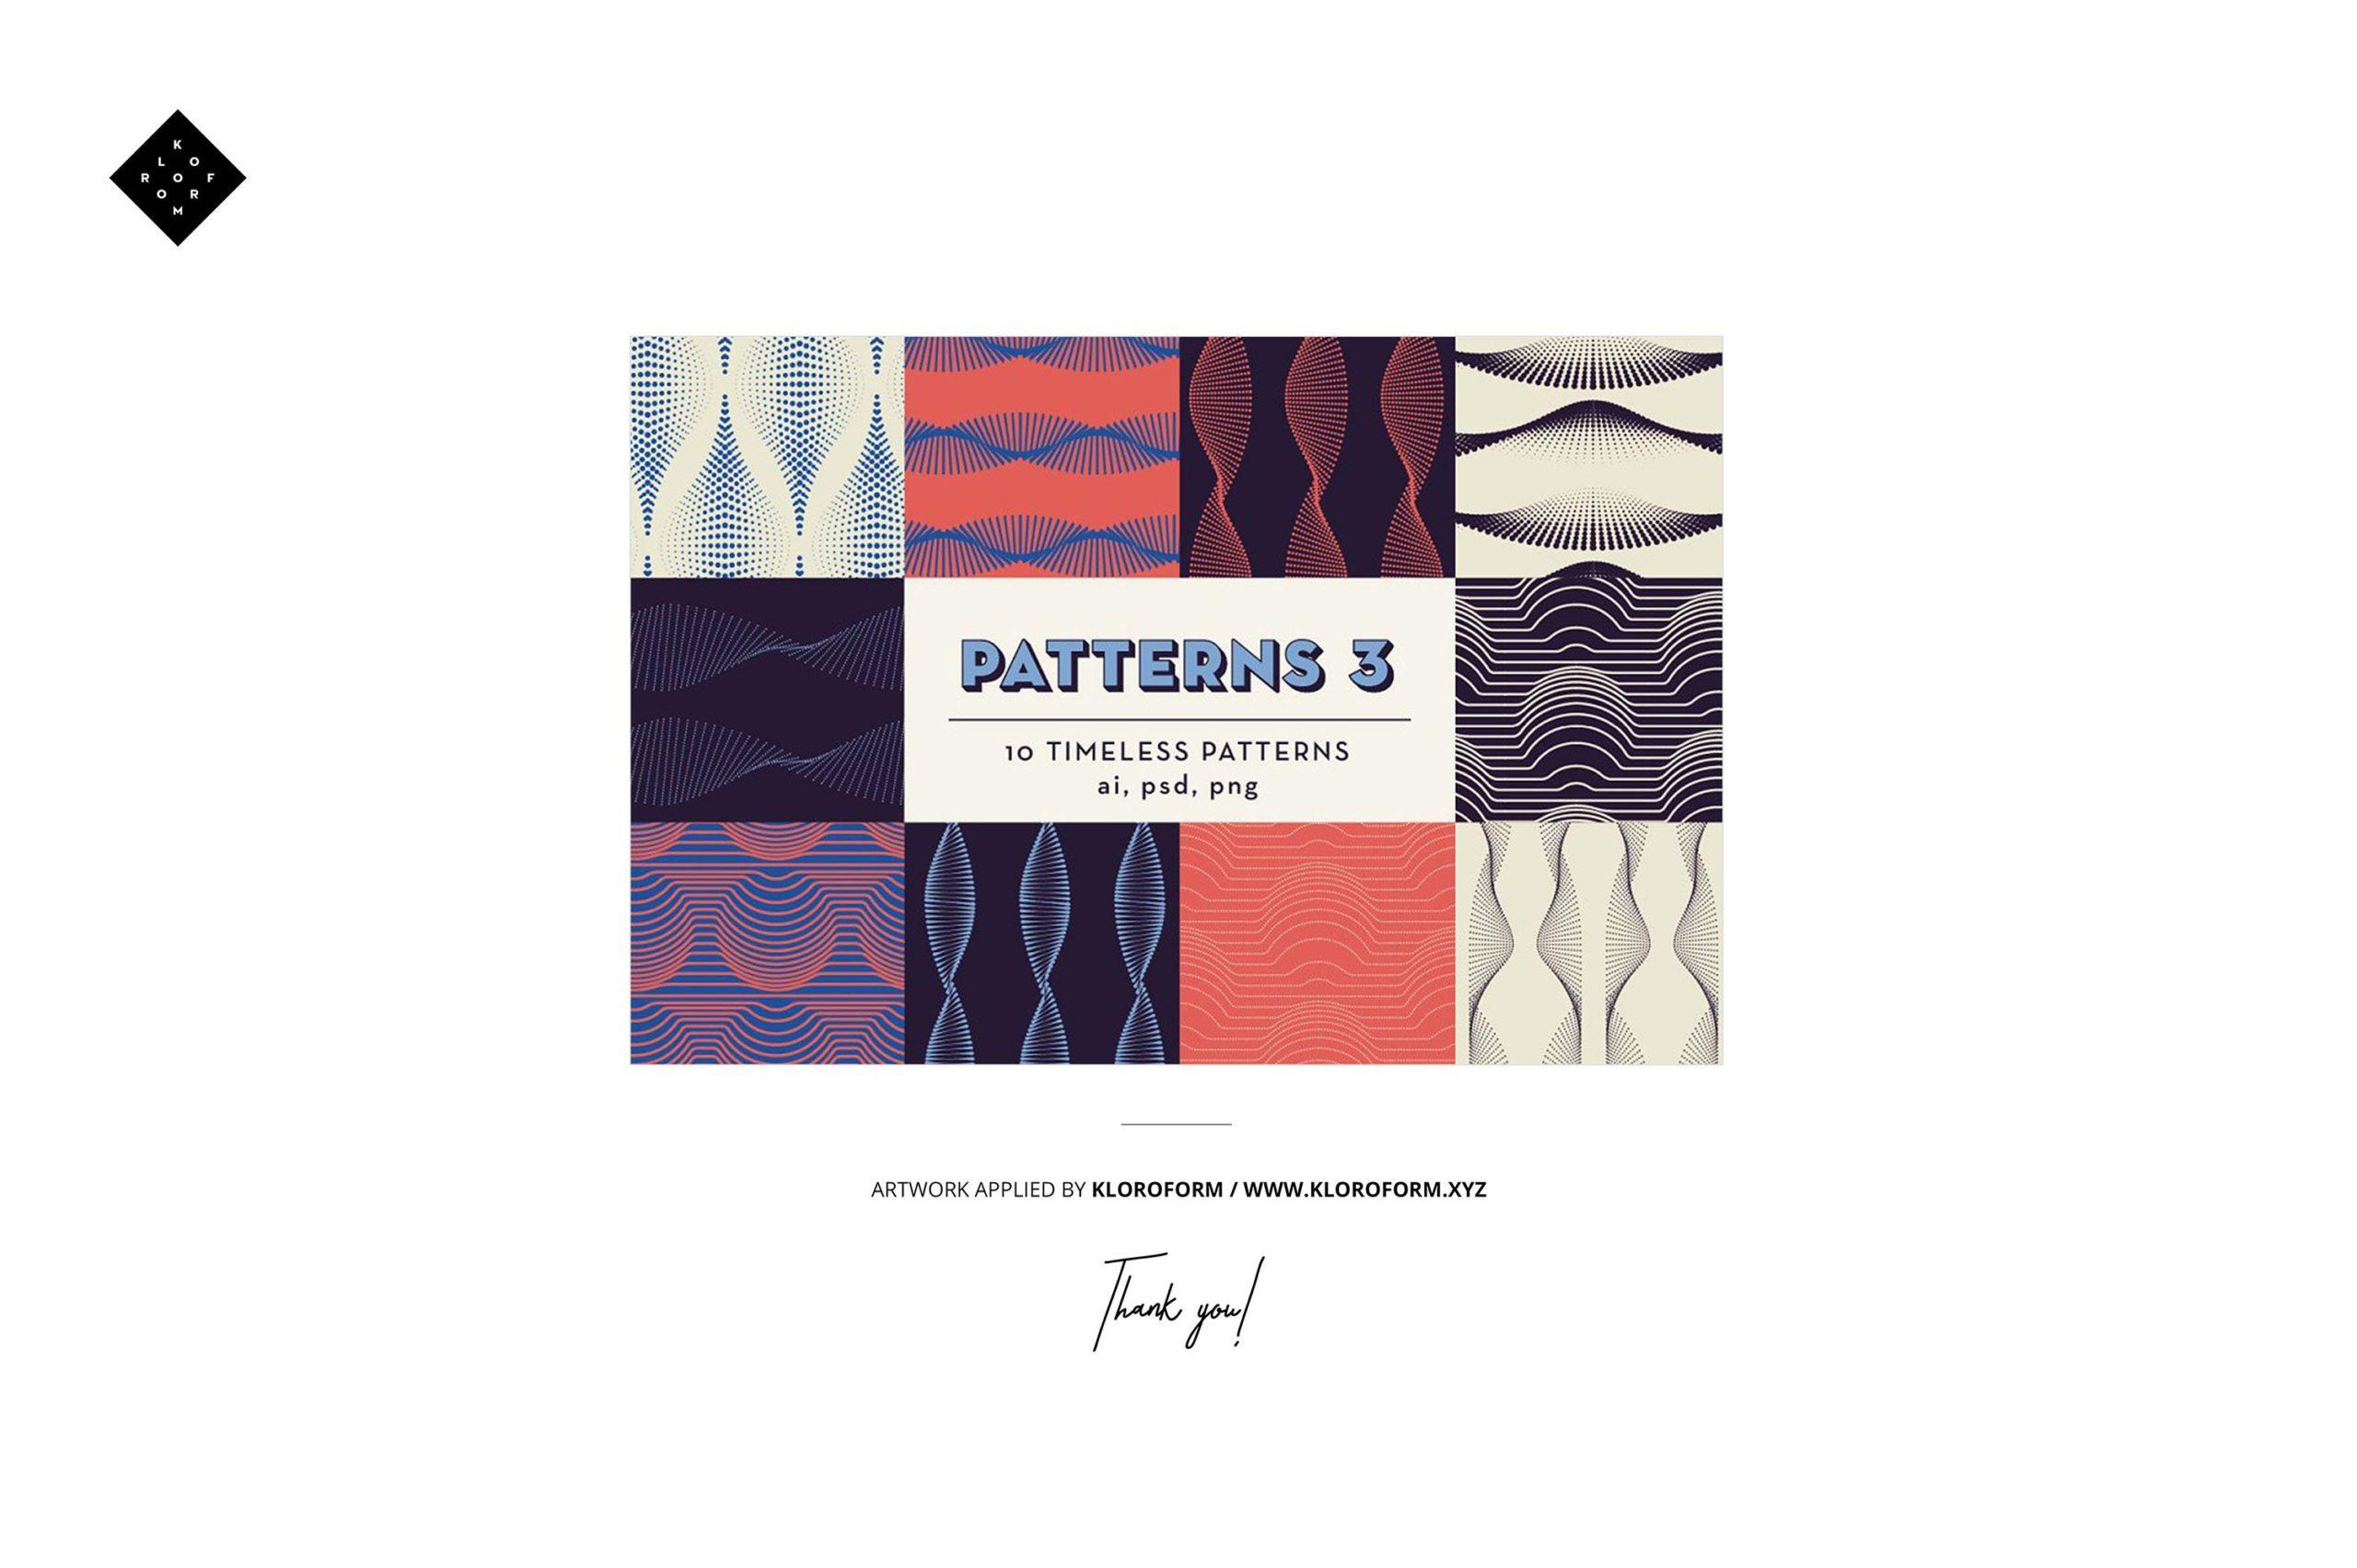 时尚折叠式绸缎面料印花图案设计贴图样机合集 Folded Fabric Swatches Mockup Set插图8